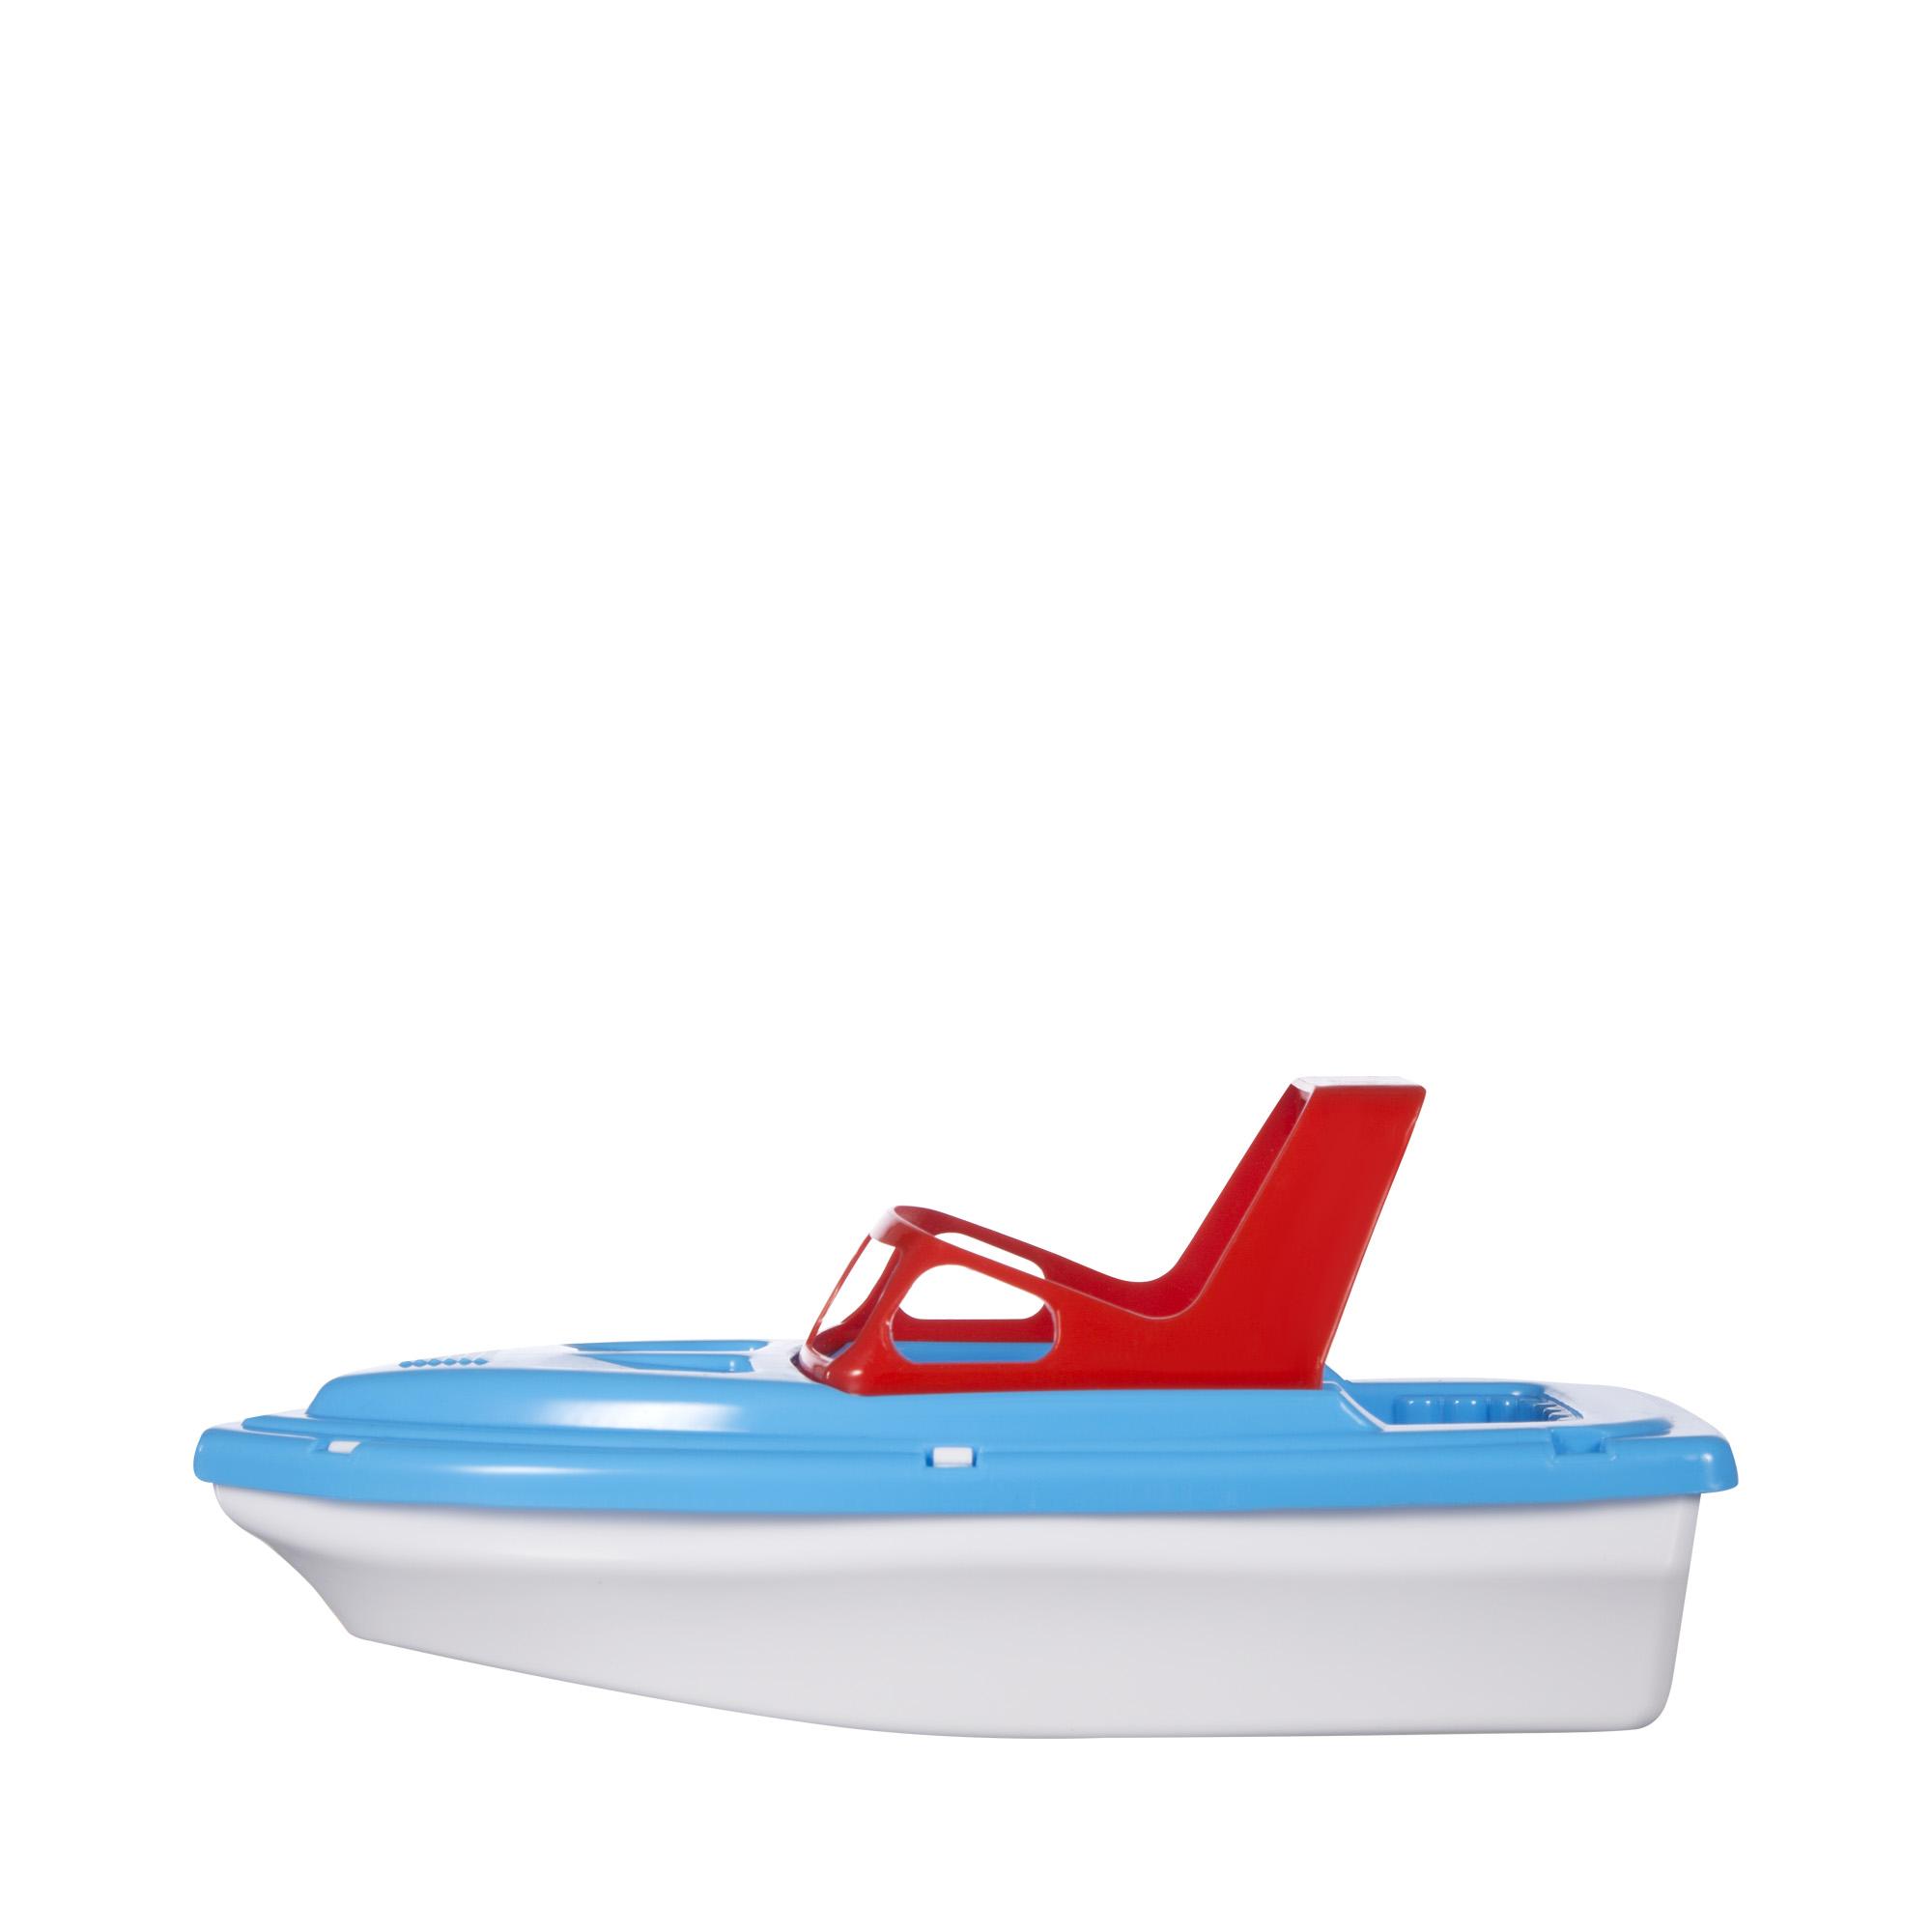 Игрушечная лодка подводная лодка подводная лодка f301 угол клапан красоты